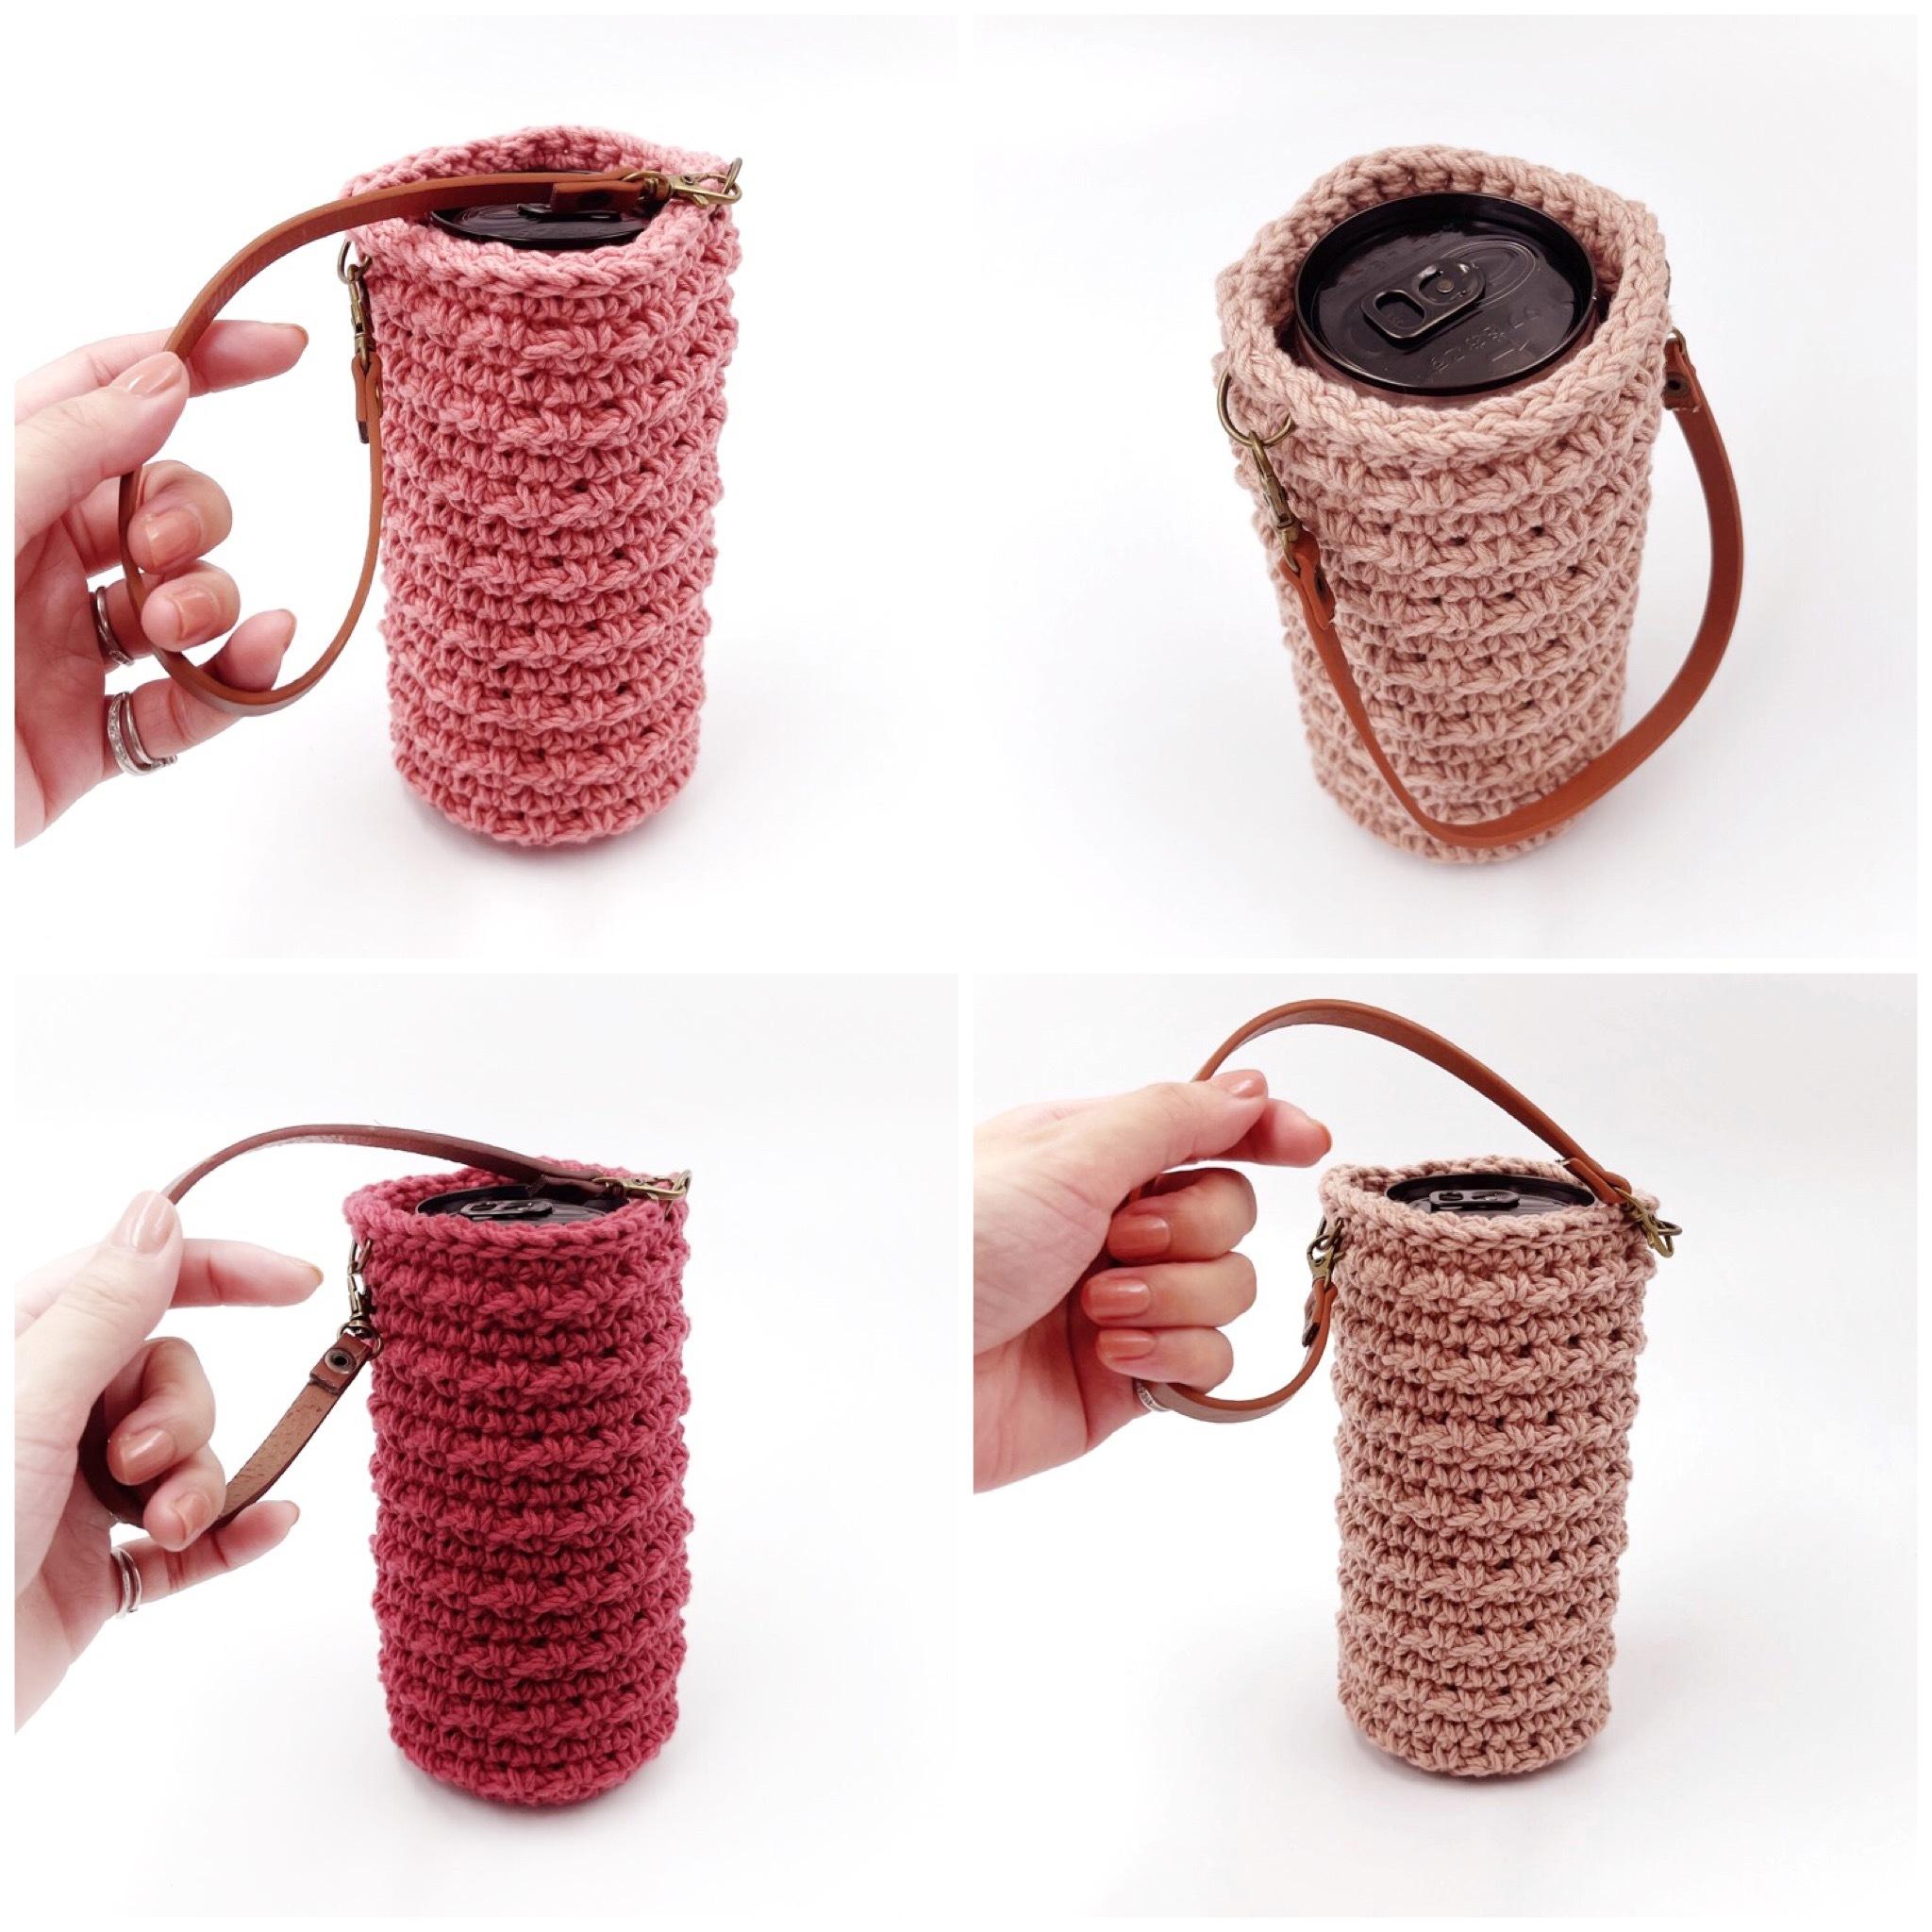 手編み雑貨 ボトルケース HanahanD コットンケース ペットボトルケース